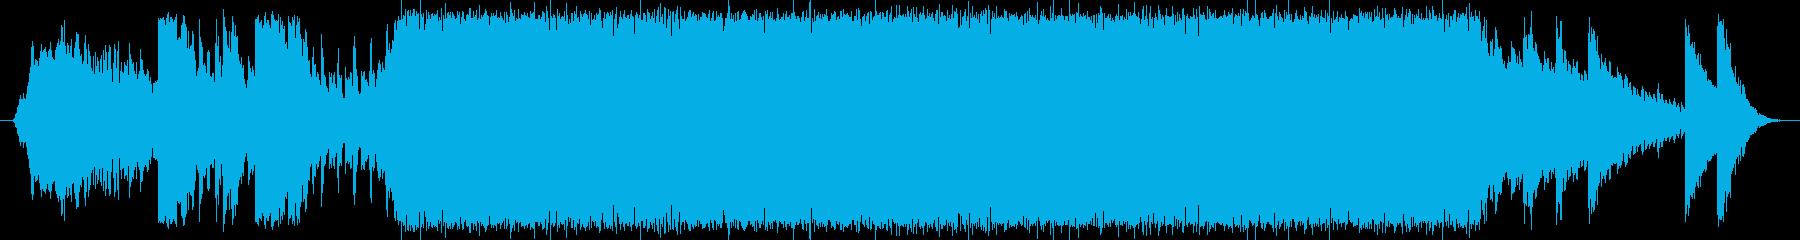 壮大な自然を連想させる企業CM用音楽の再生済みの波形